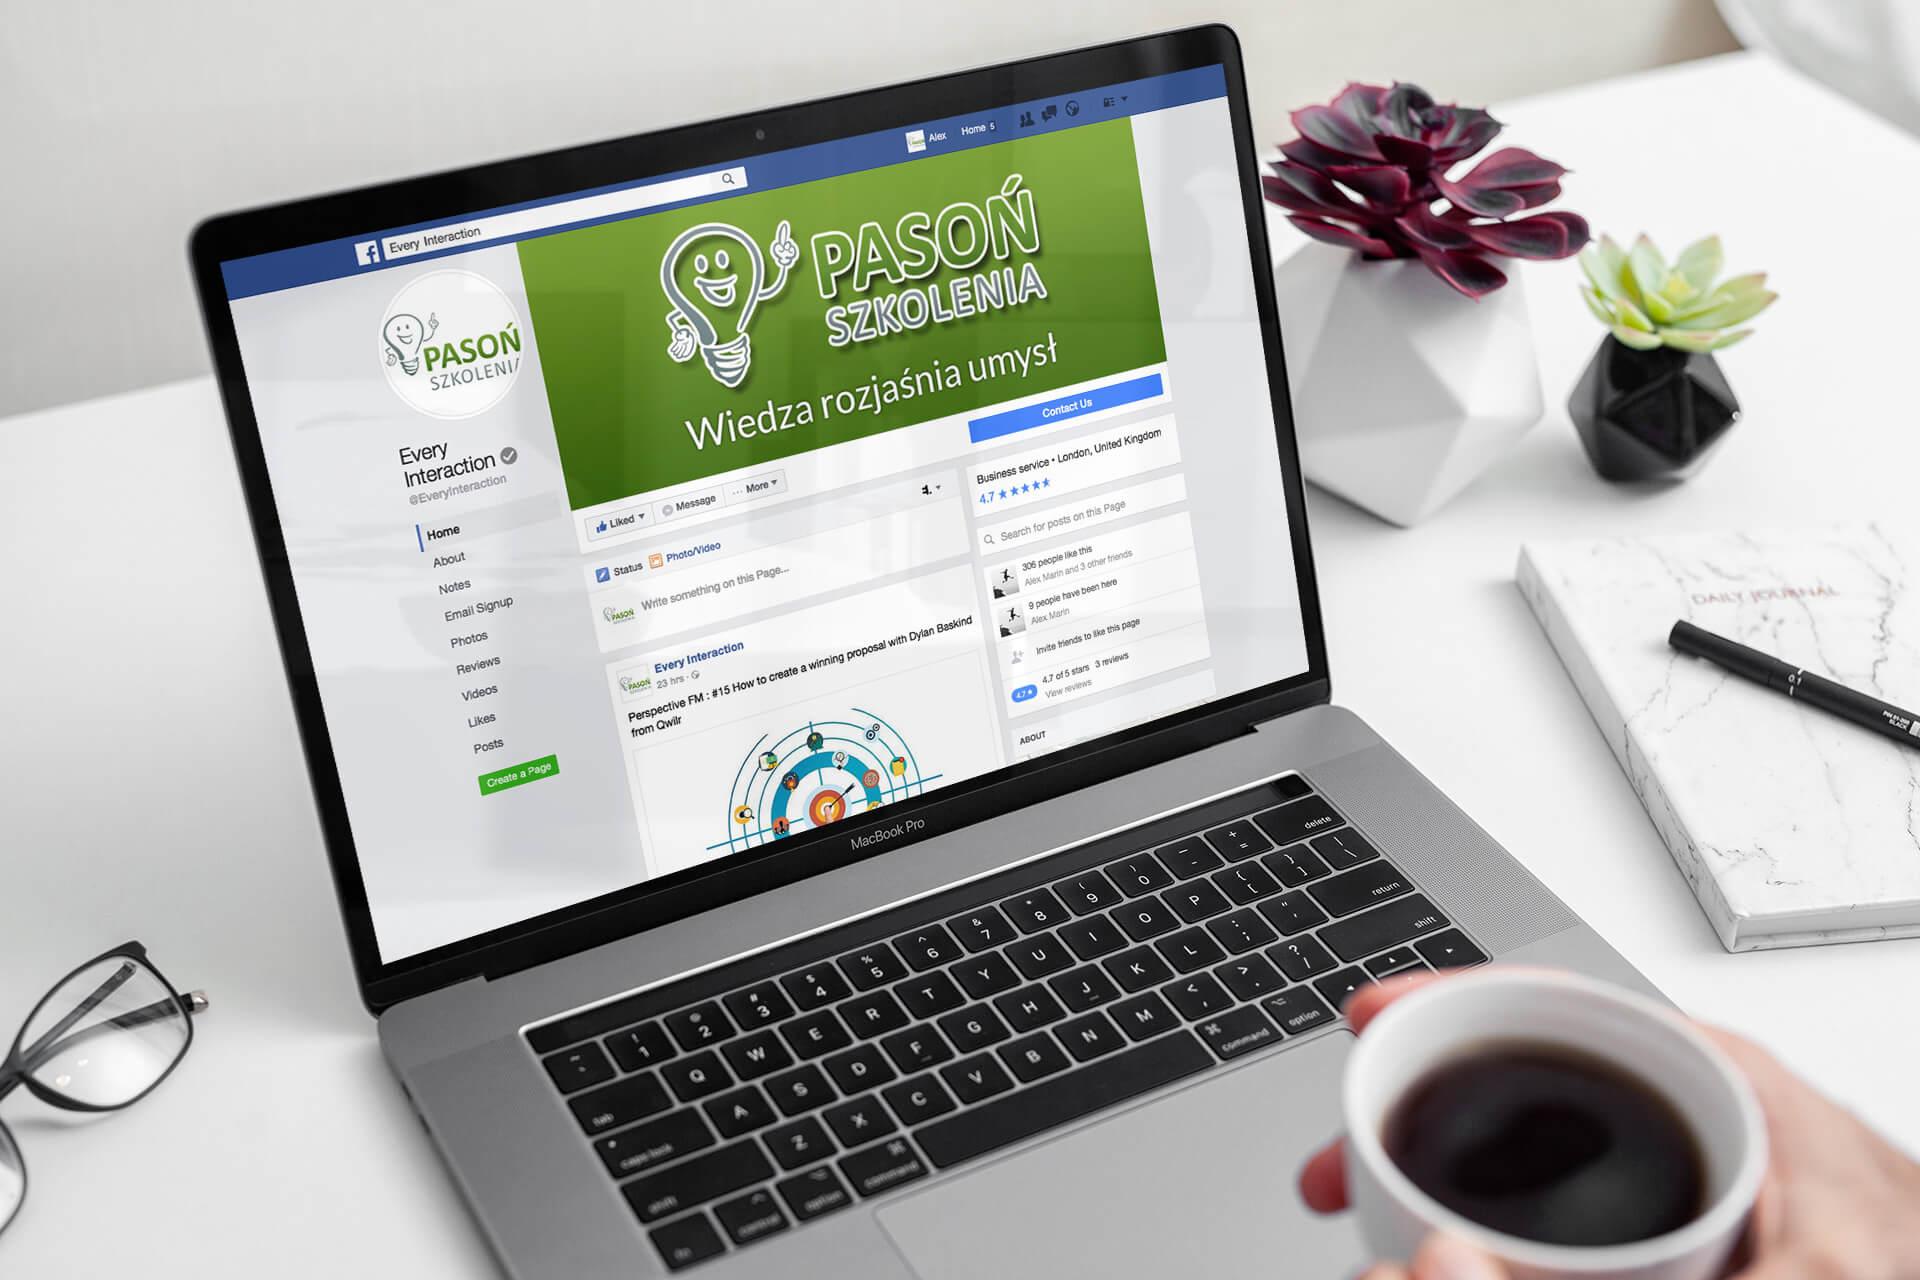 konto facebook dla firmy szkoleniowej